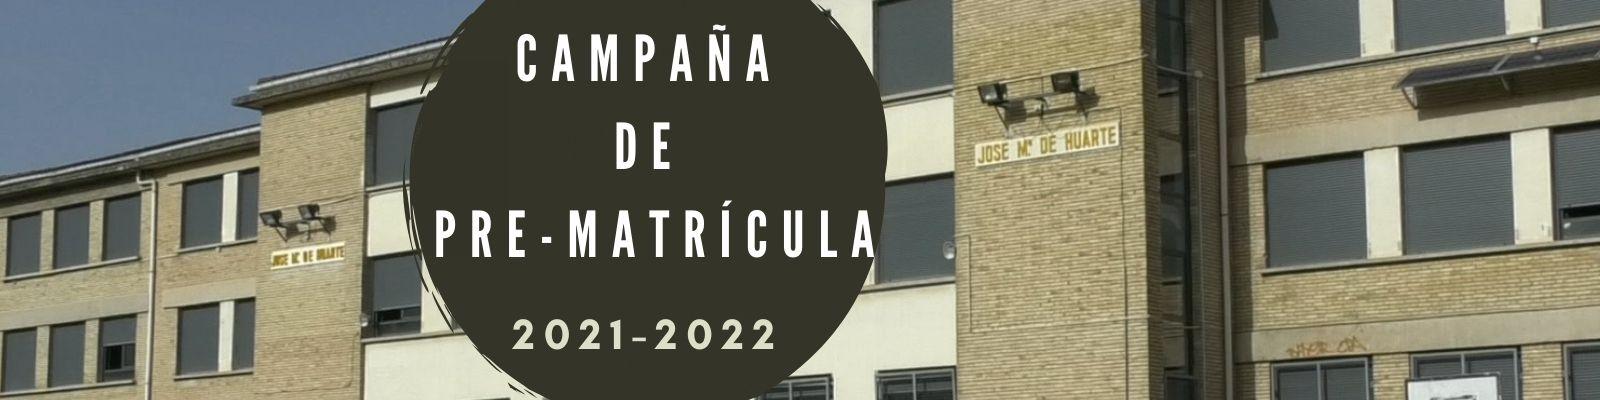 CAMPAÑA DE PREMATRÍCULA PARA EL CURSO 2021-2022